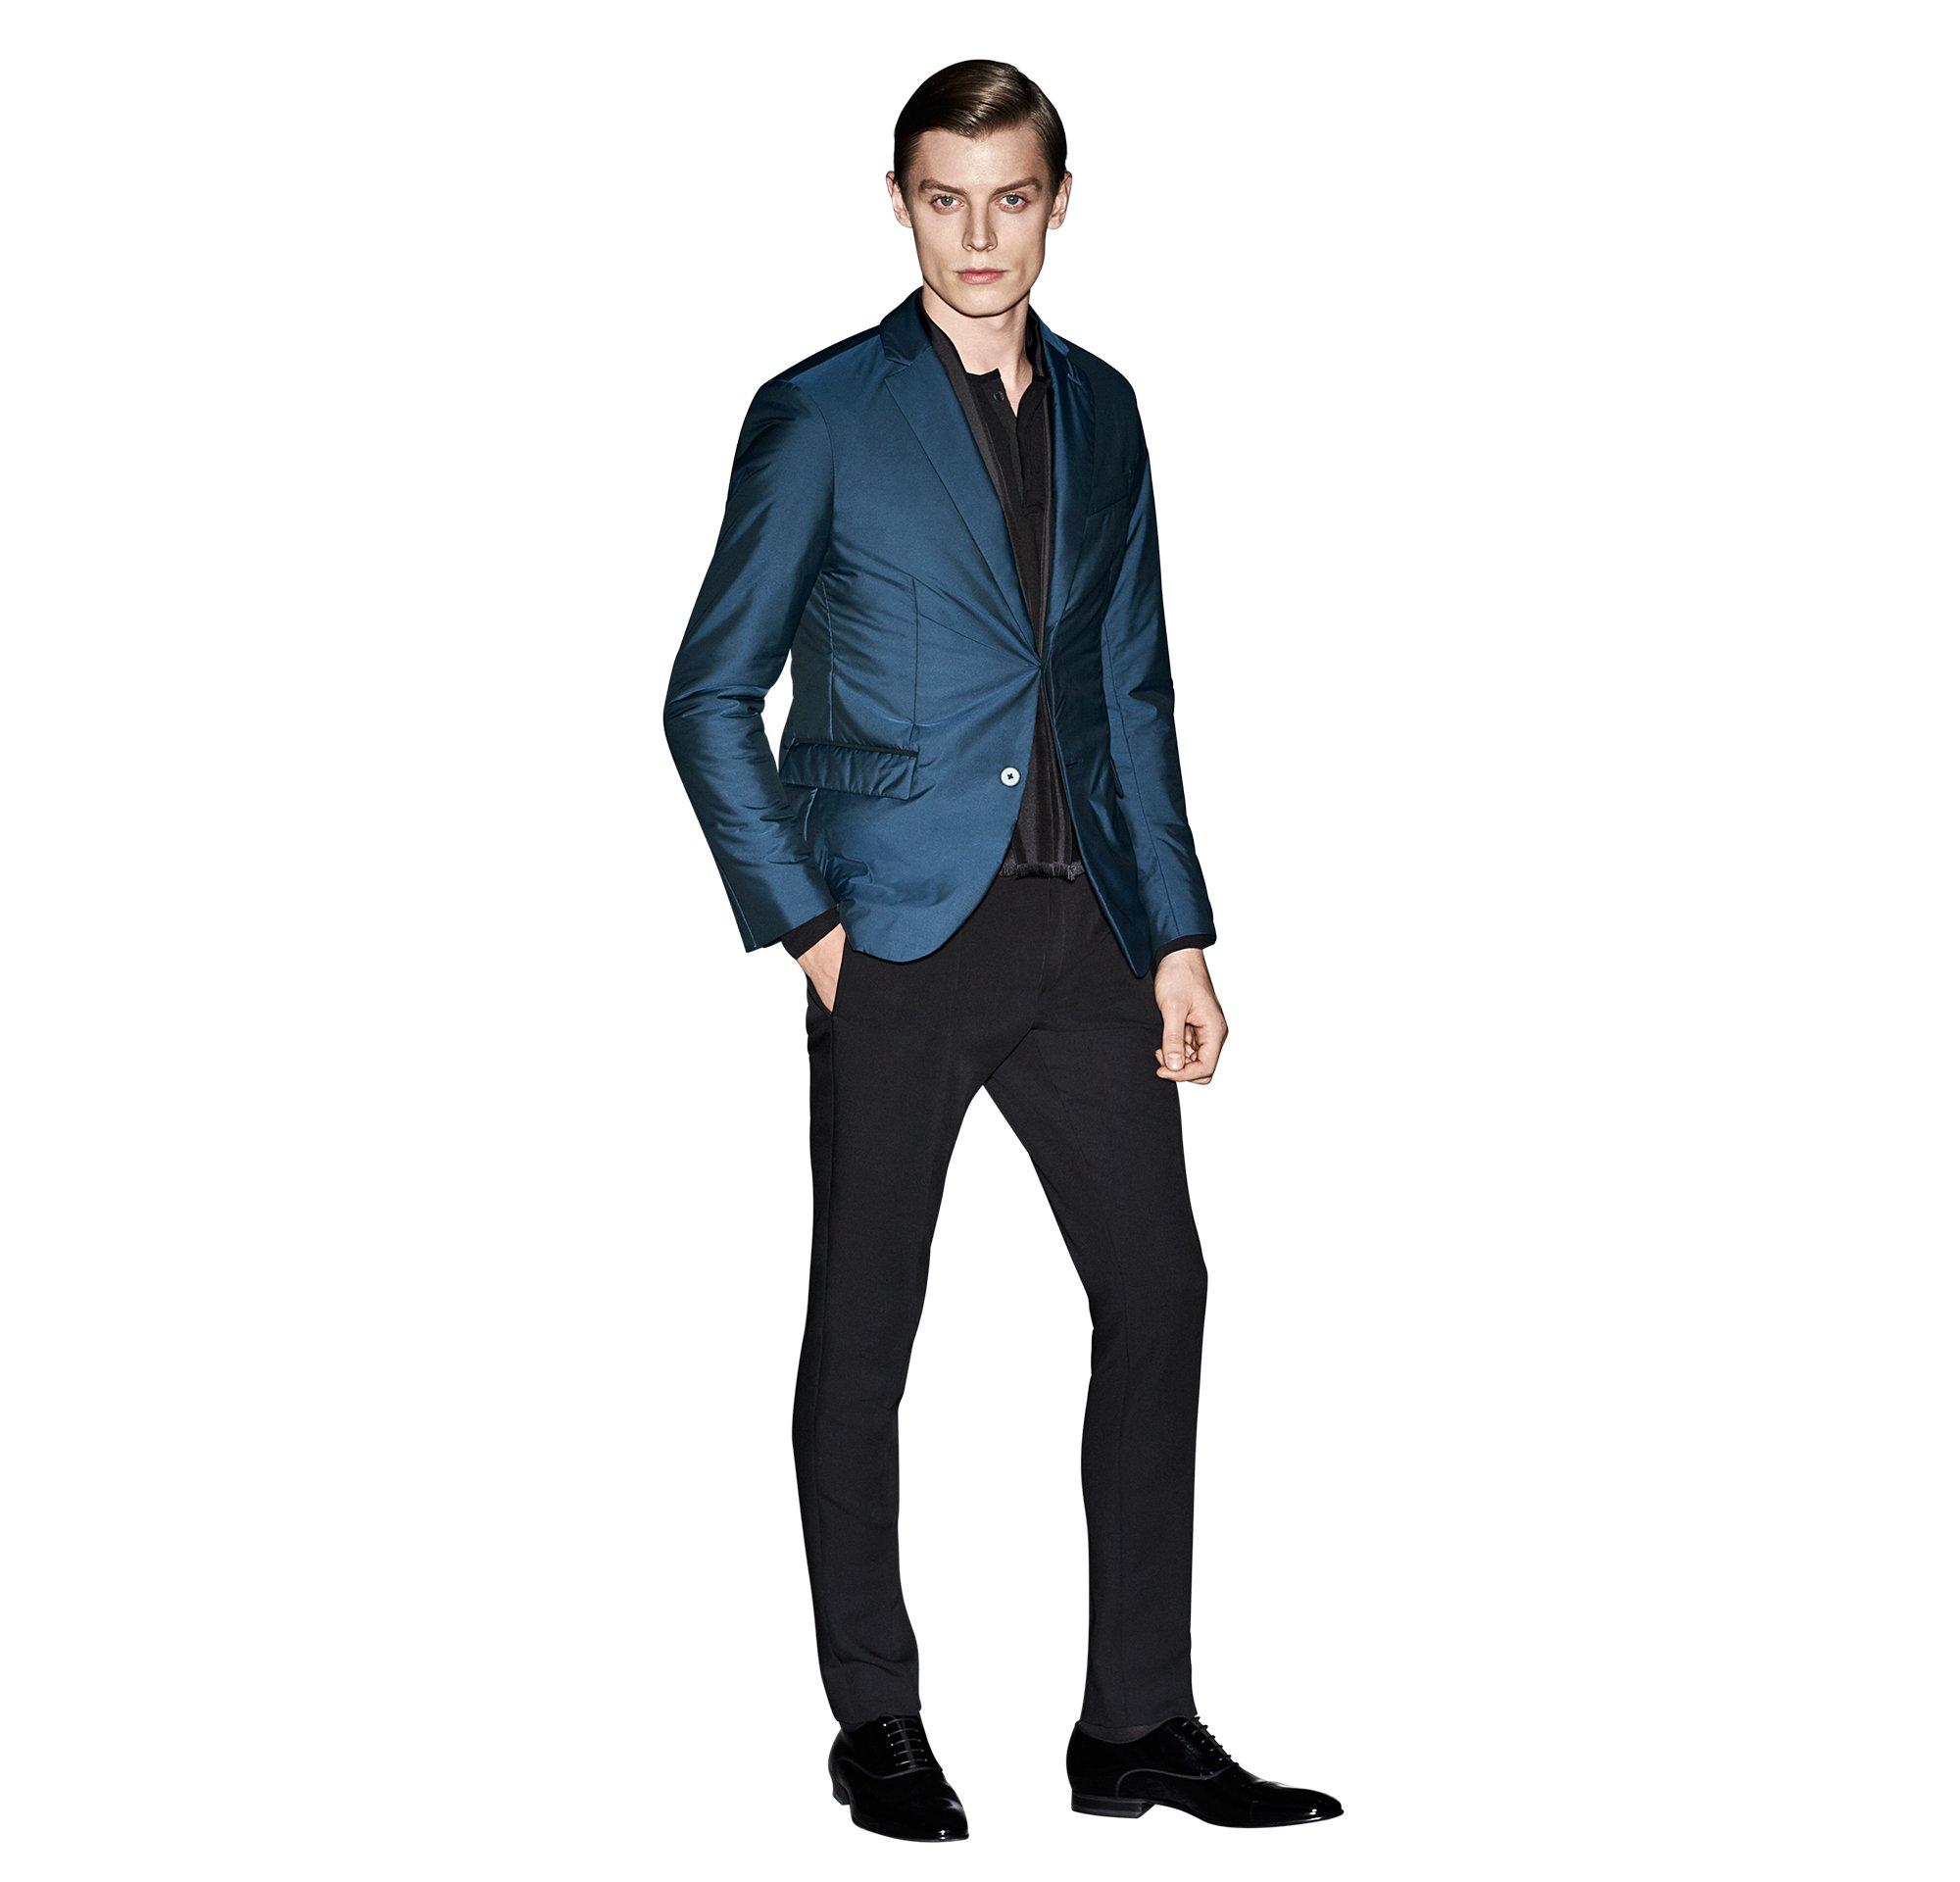 Blauw colbert, zwarte gebreide trui en broek van BOSS